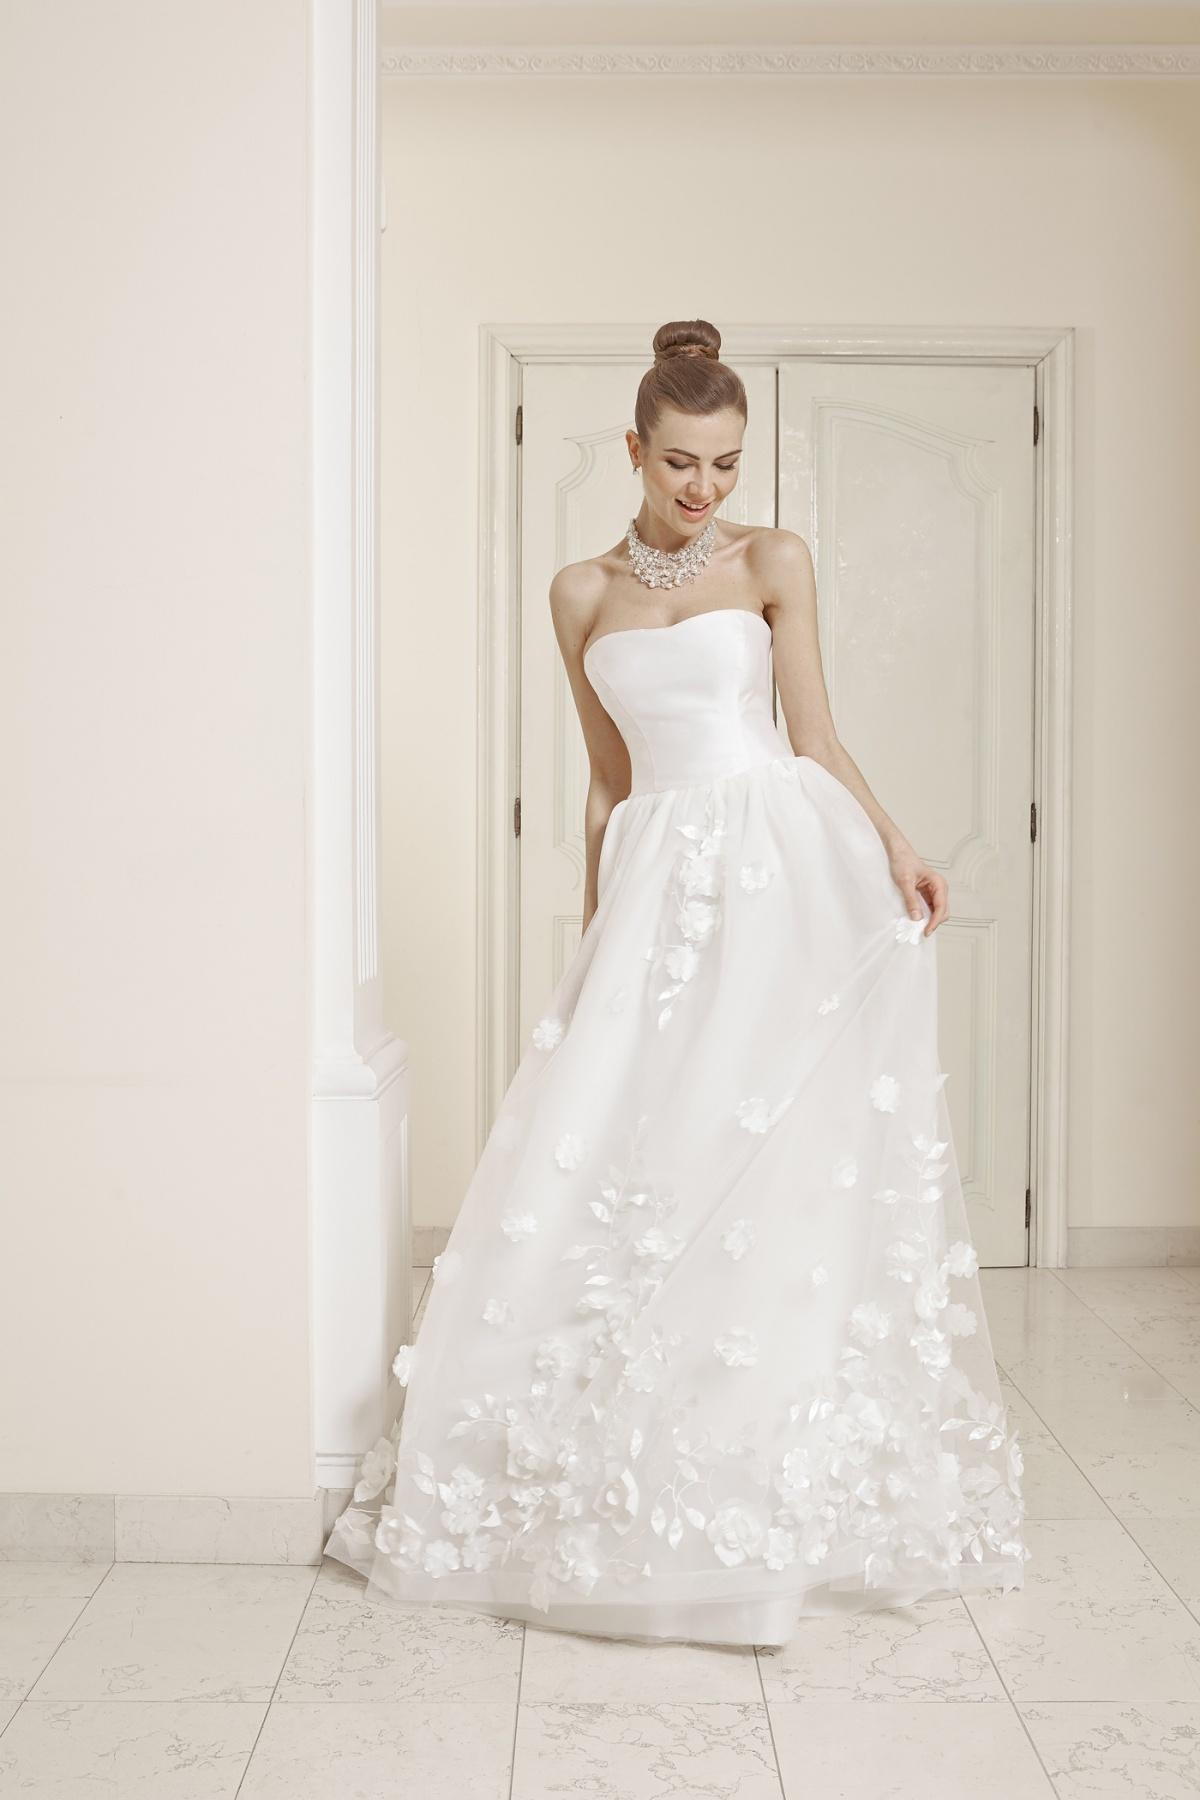 362dc43e18c22 Vestiti da sposa Varese e provincia - Atelier Rovi Sposi